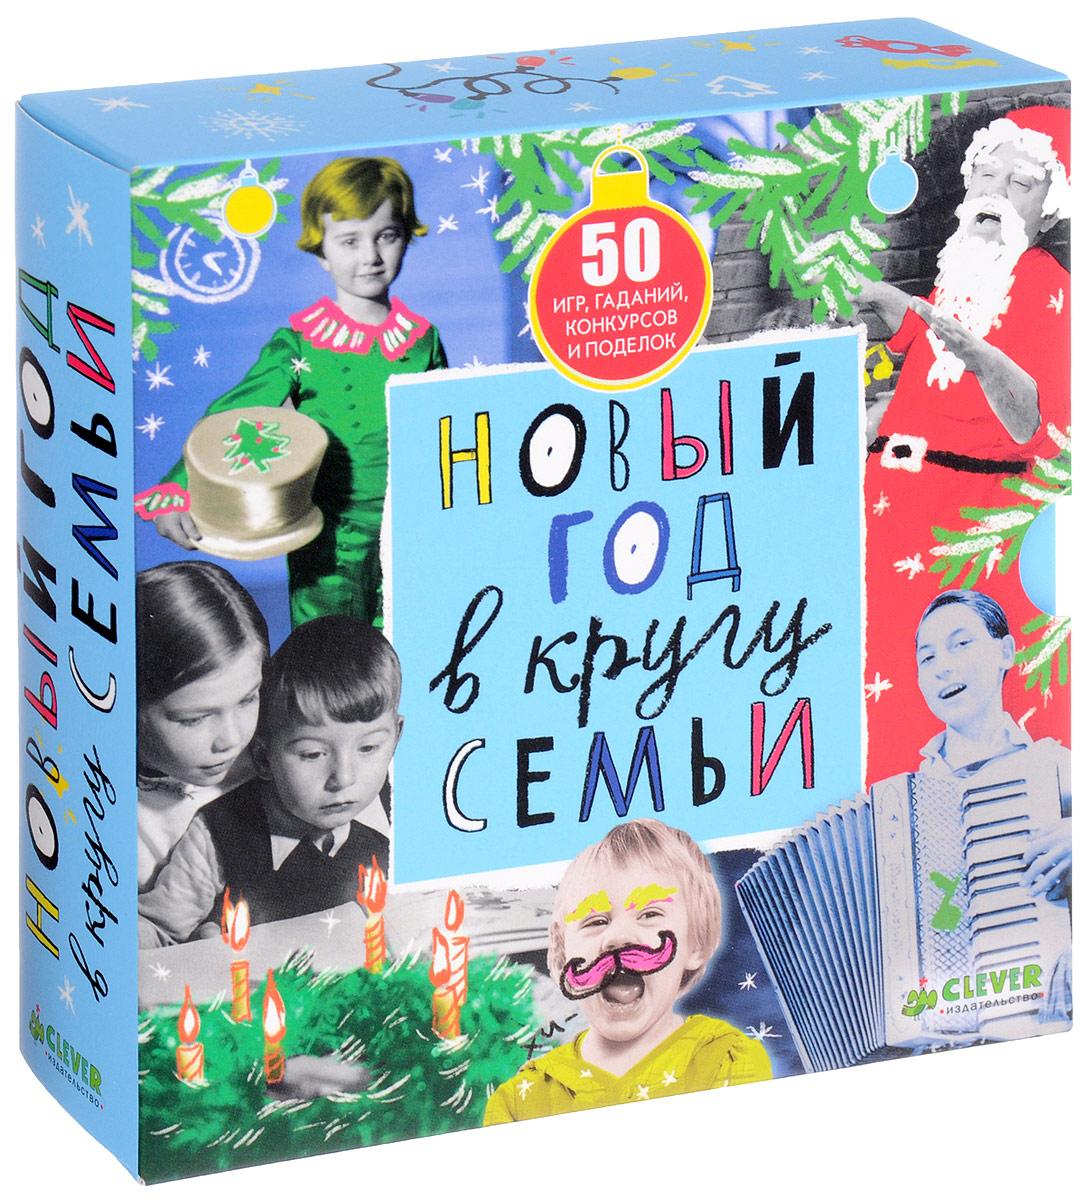 Наталья Крупенская Новый год в кругу семьи (комплект из 50 брошюр)